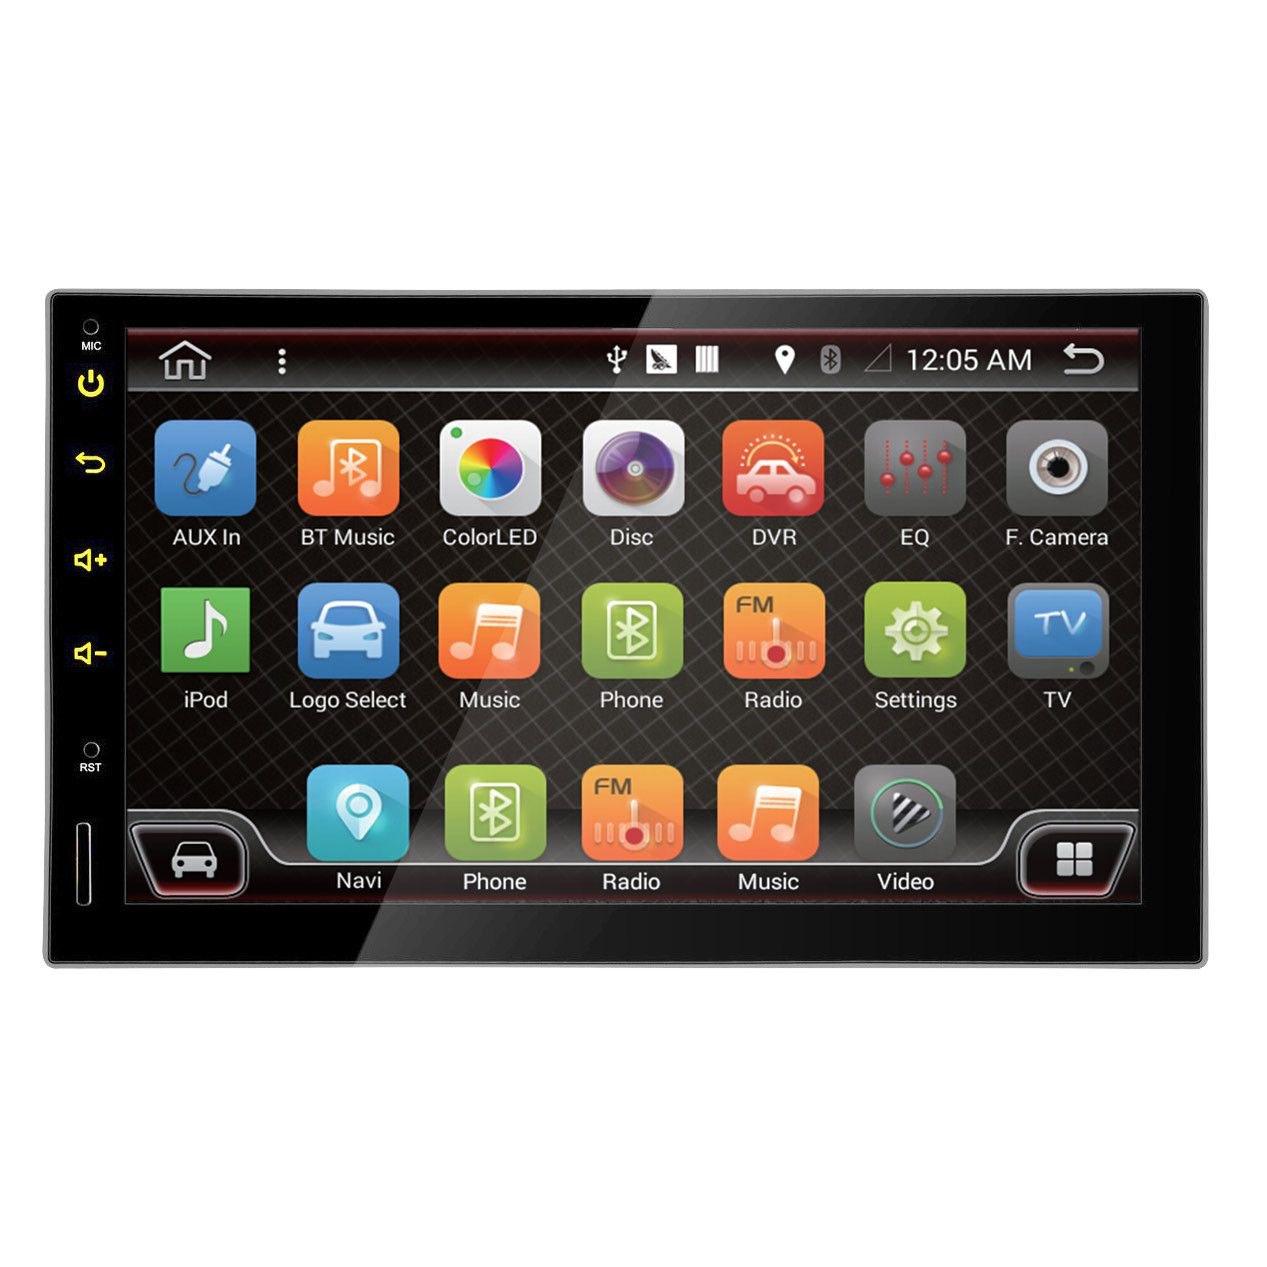 JVJ 8871 Android  2DIN Navigációs  Multimédiás fejegység 2 din autórádió képe